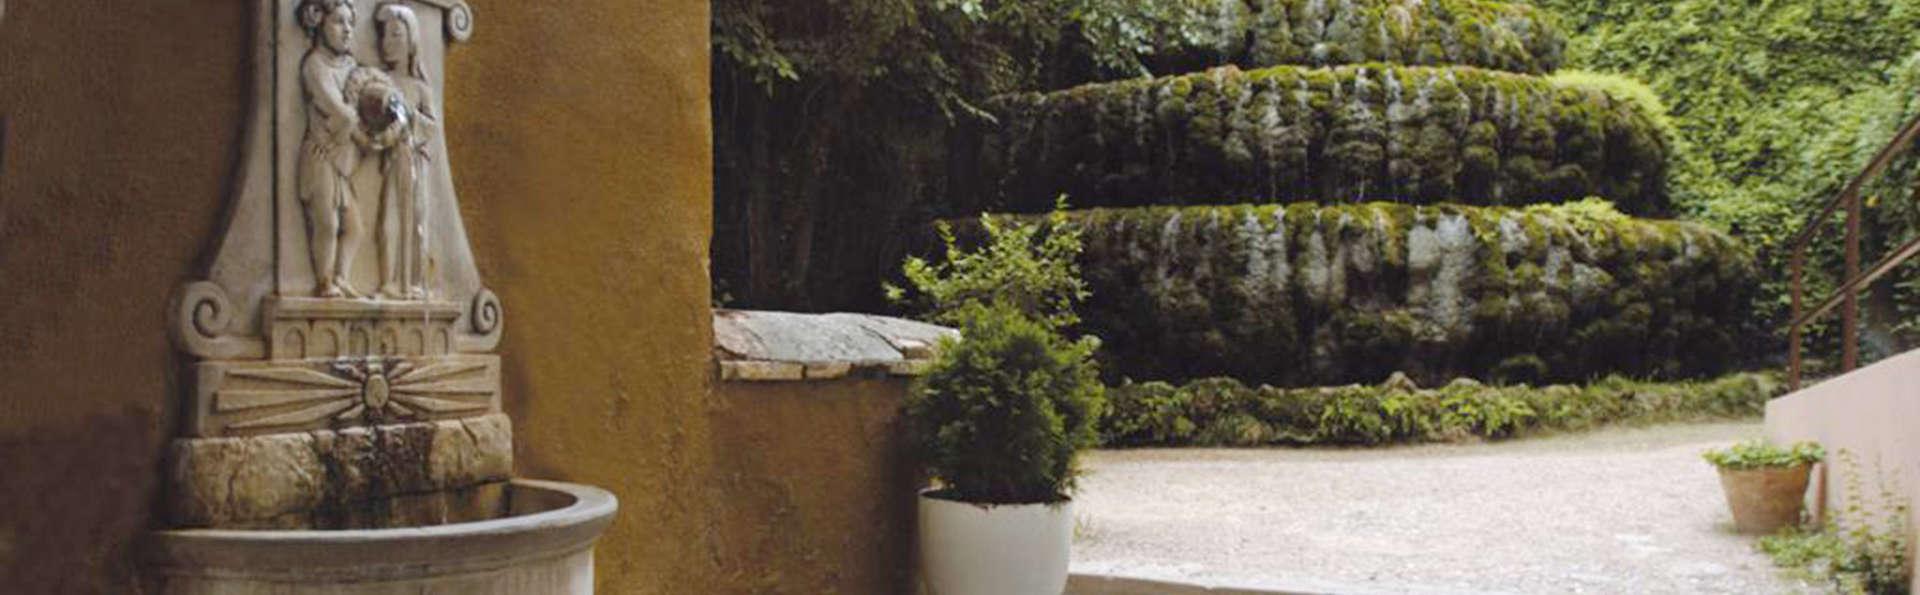 Balneario Serón - edit_garden.jpg